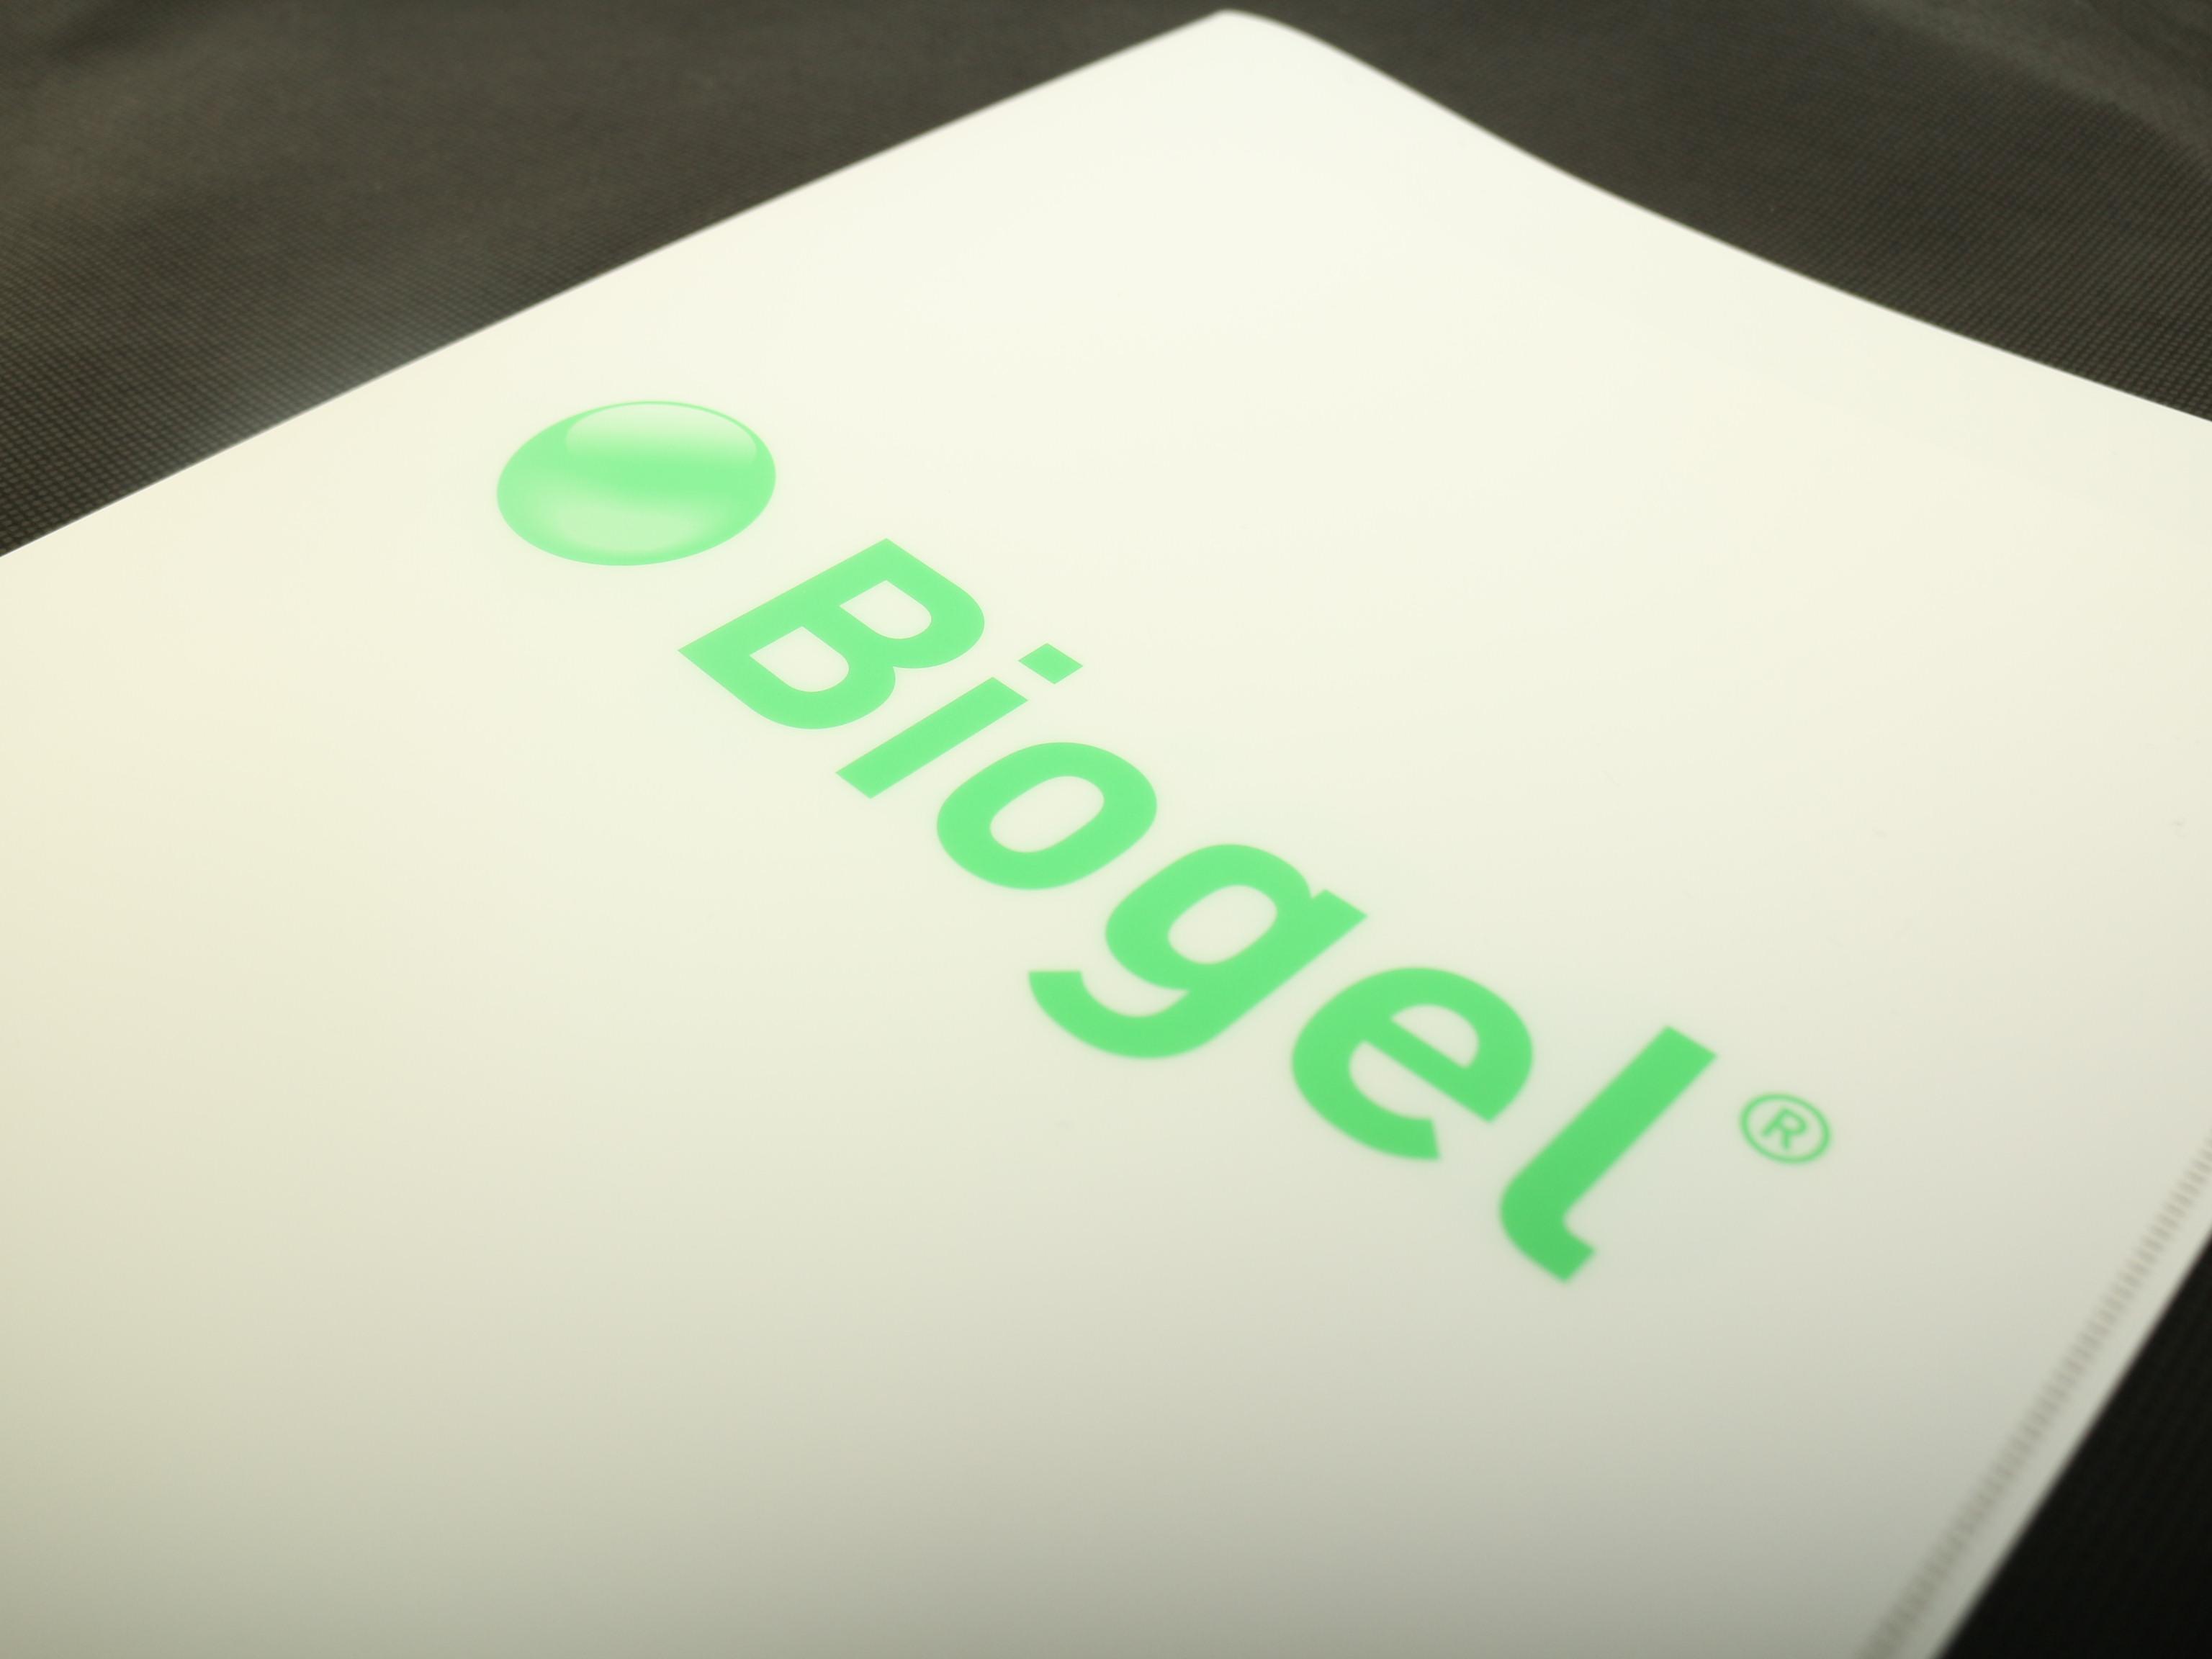 手術用製品を提供されている企業様のオリジナルクリアファイル